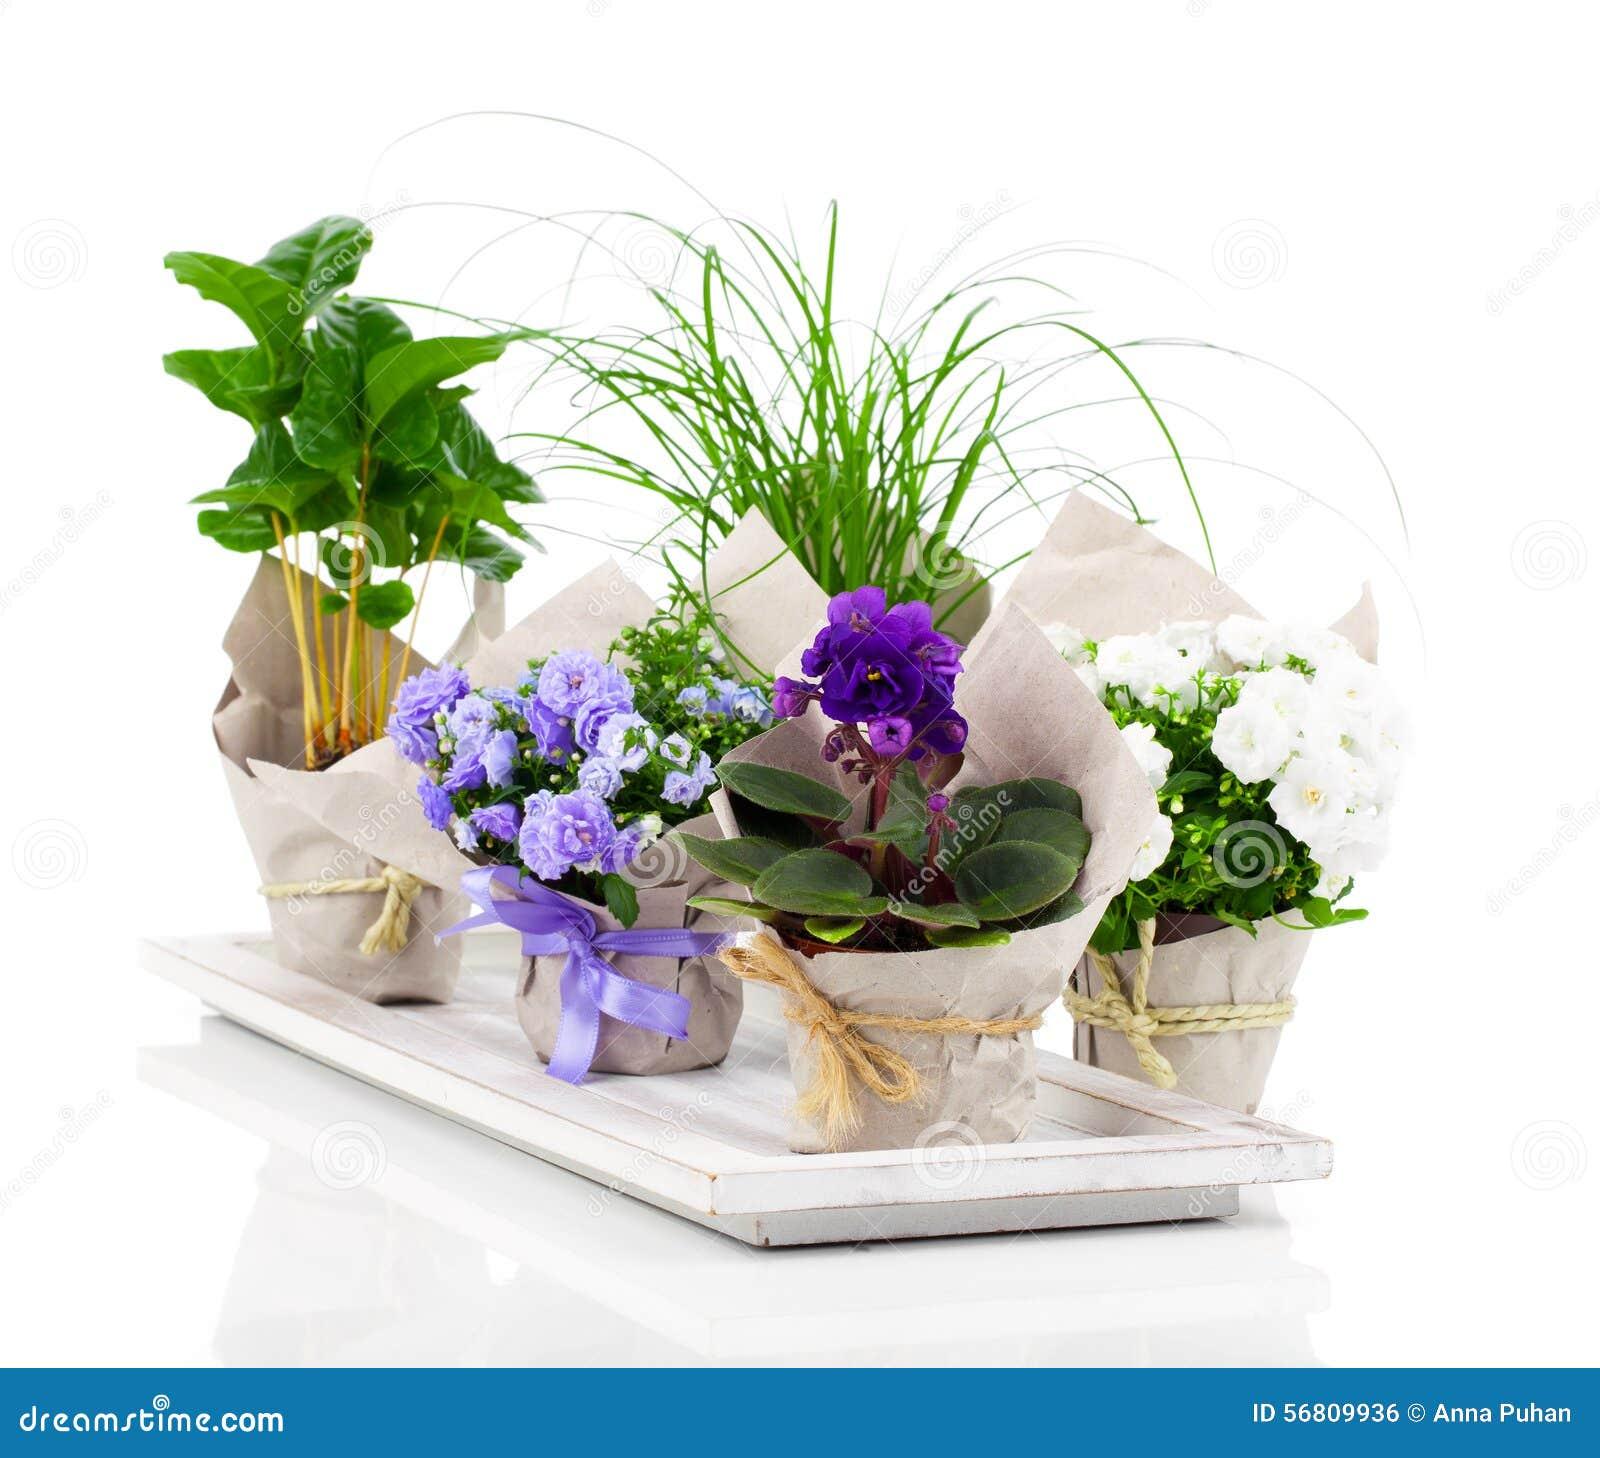 Fiori e piante della primavera fotografia stock immagine for Piante fiori